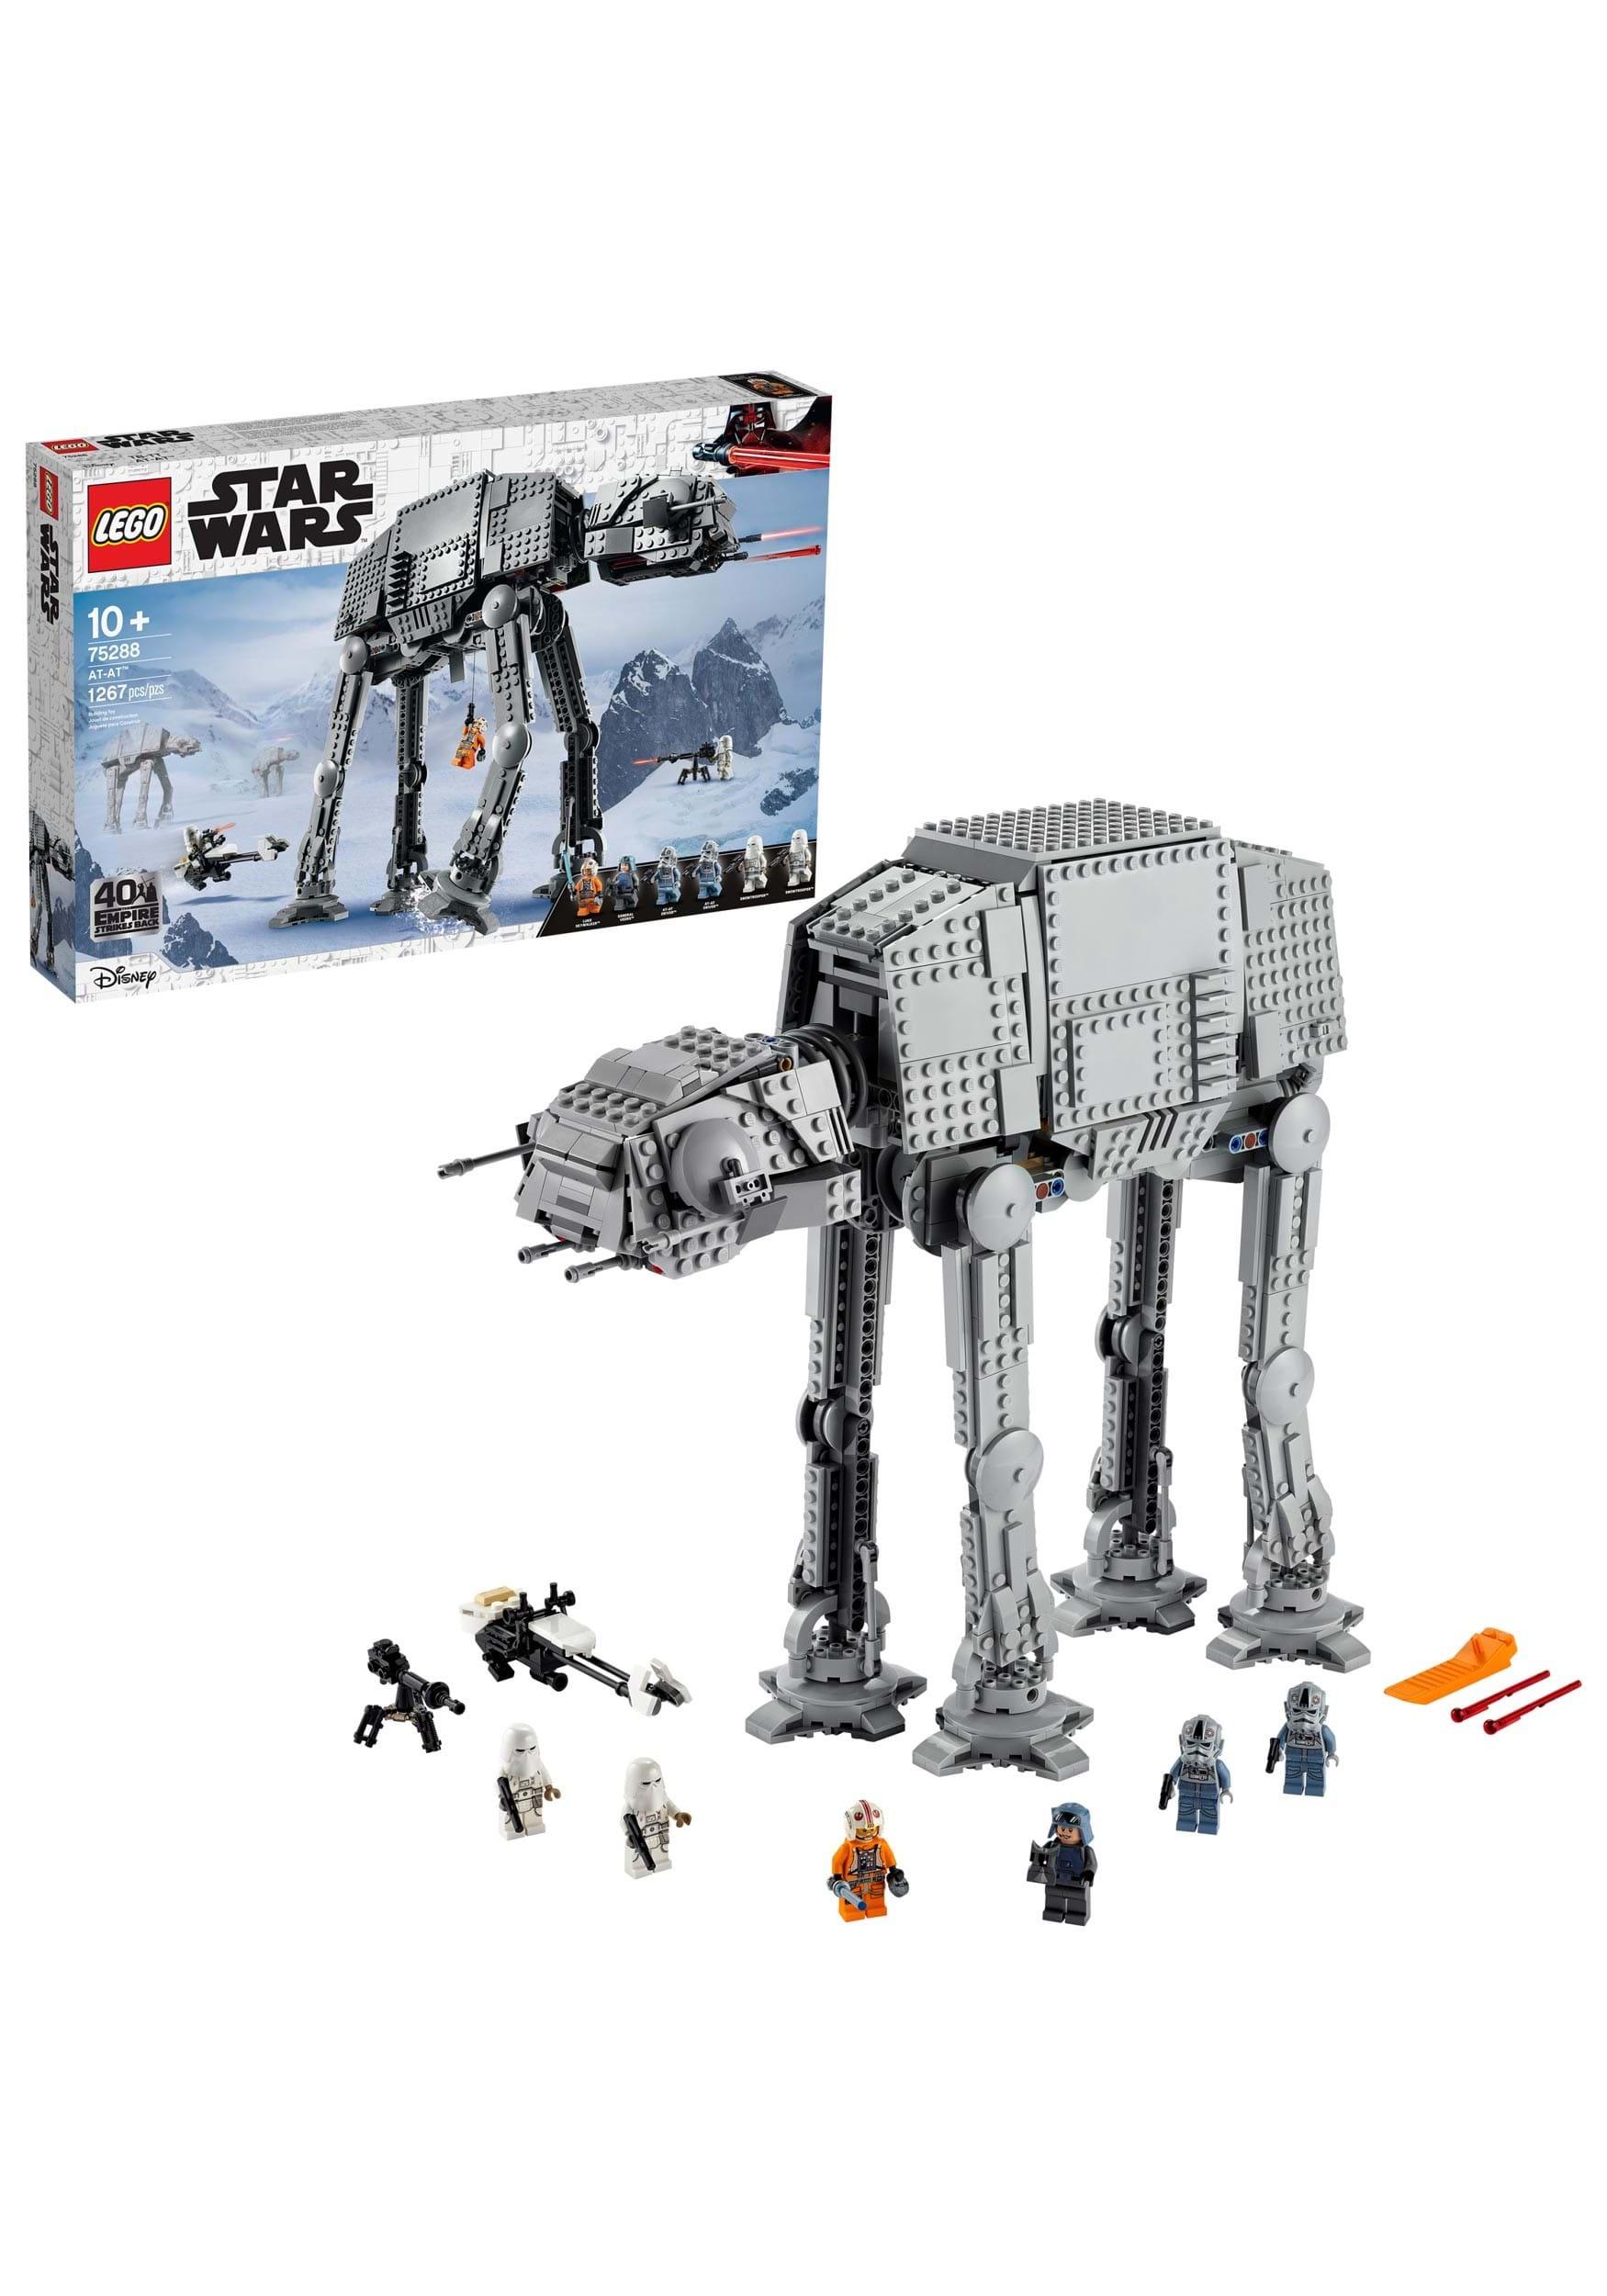 Star Wars LEGO Set - AT-AT